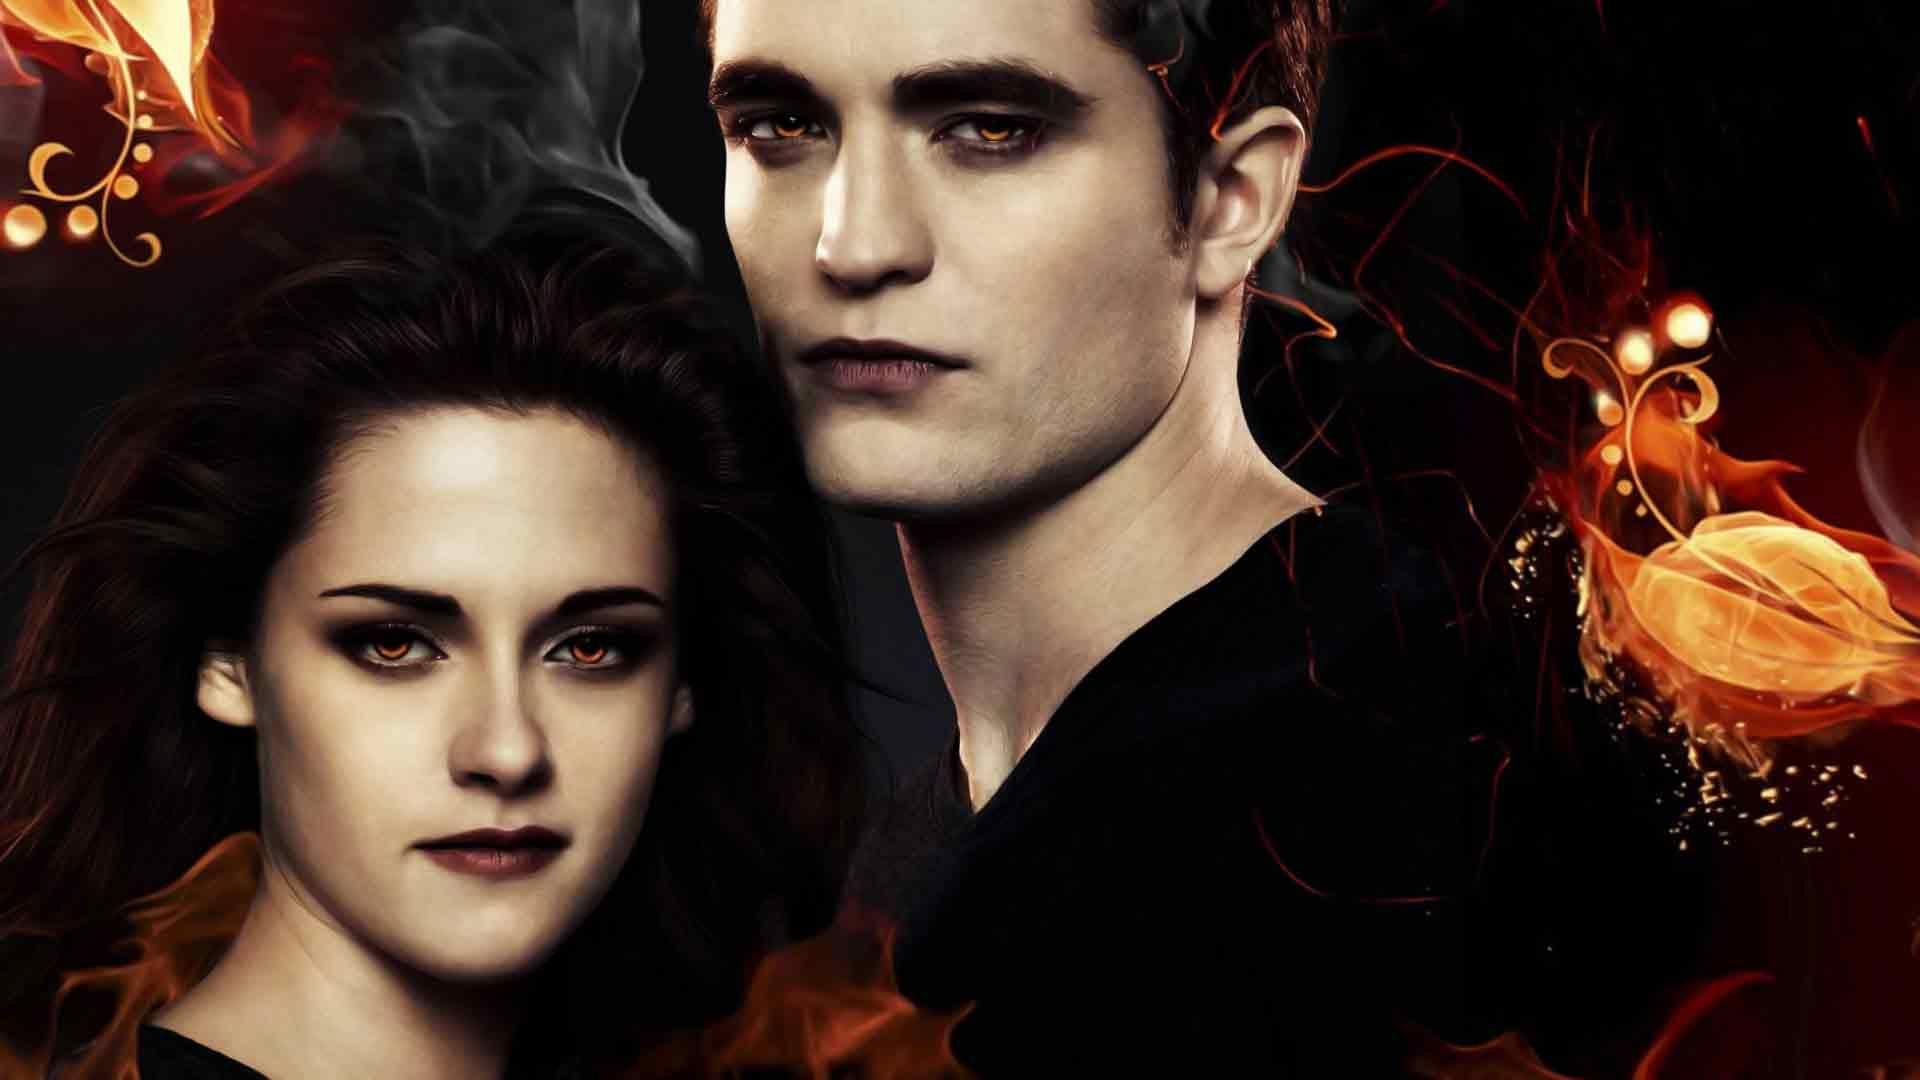 Image cullen family breaking dawn wallpaper twilight series - The Twilight Saga Breaking Dawn Twilight